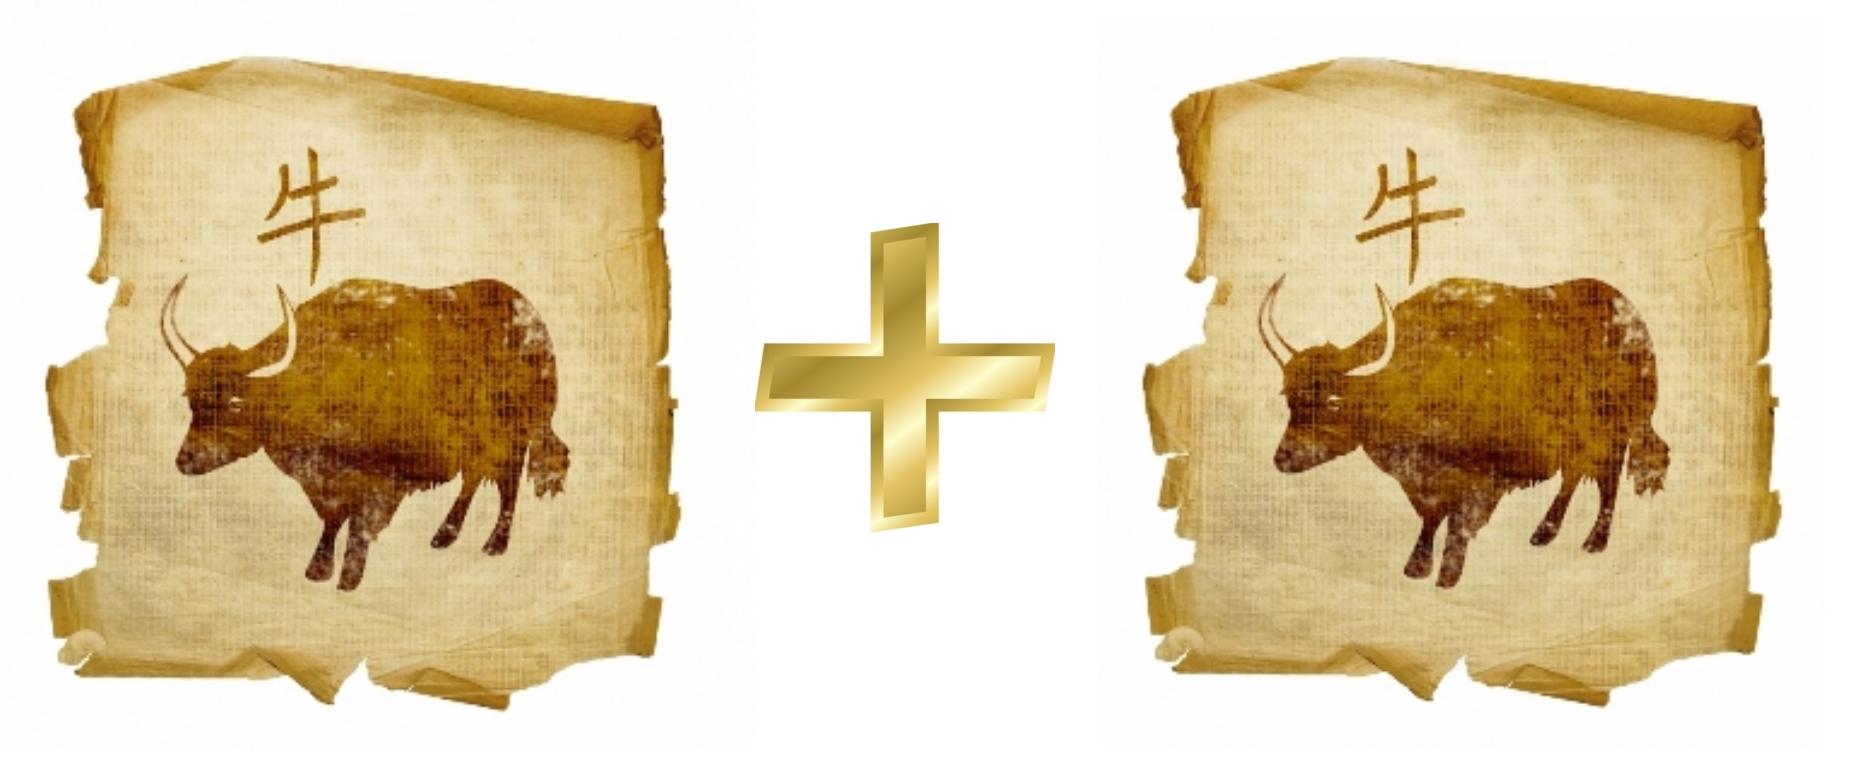 Бык и Бык (Вол): Гороскоп любовной совместимости по знакам